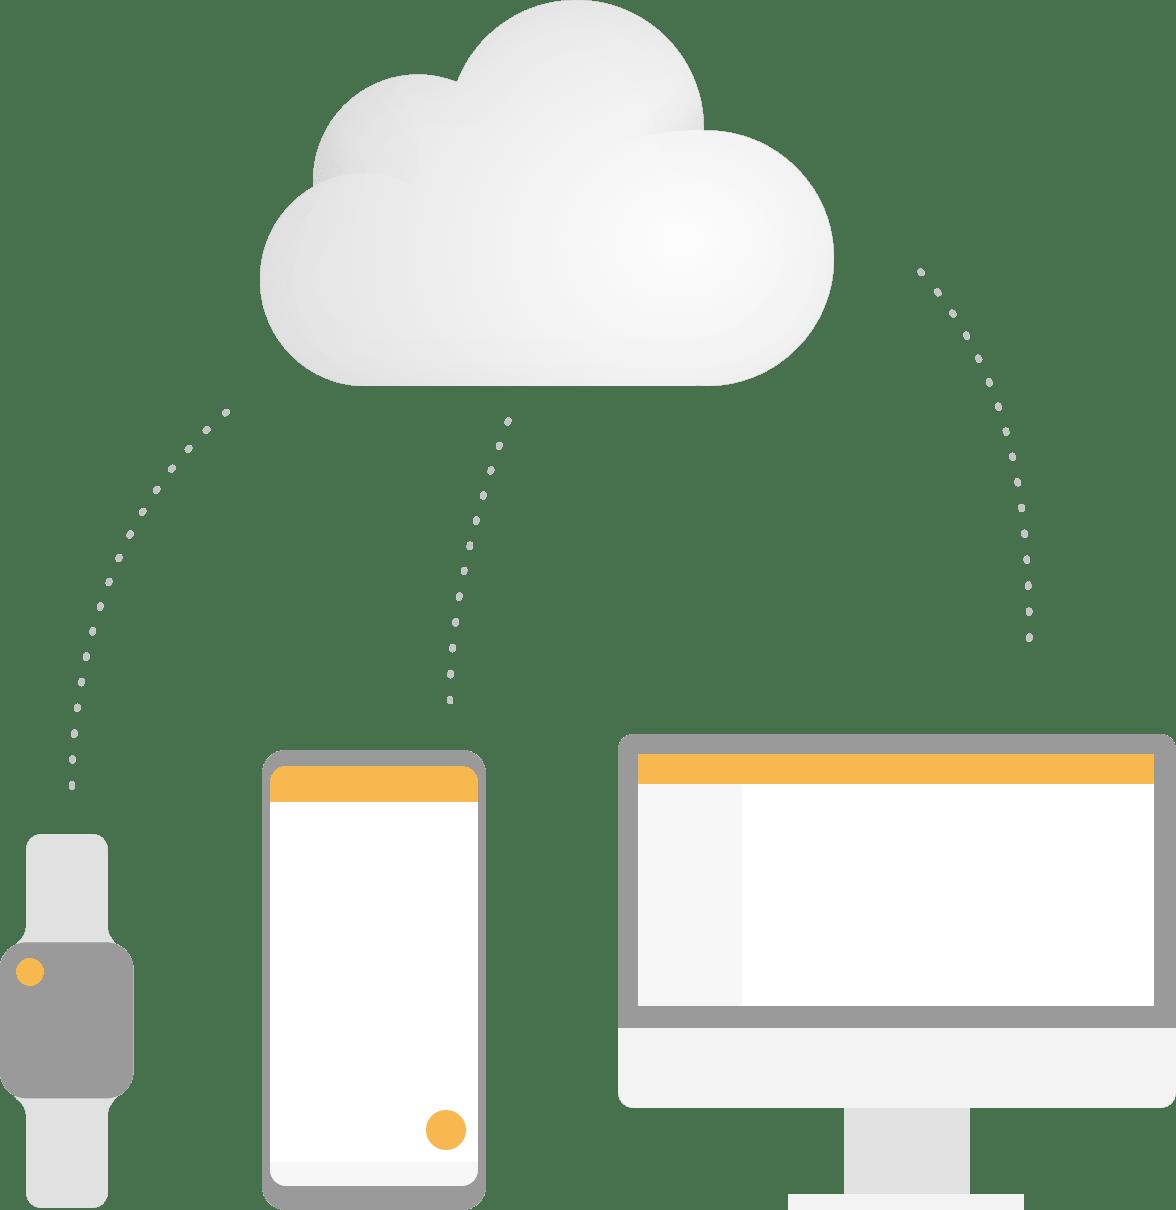 Få automatisk säkerhetskopiering av dina data